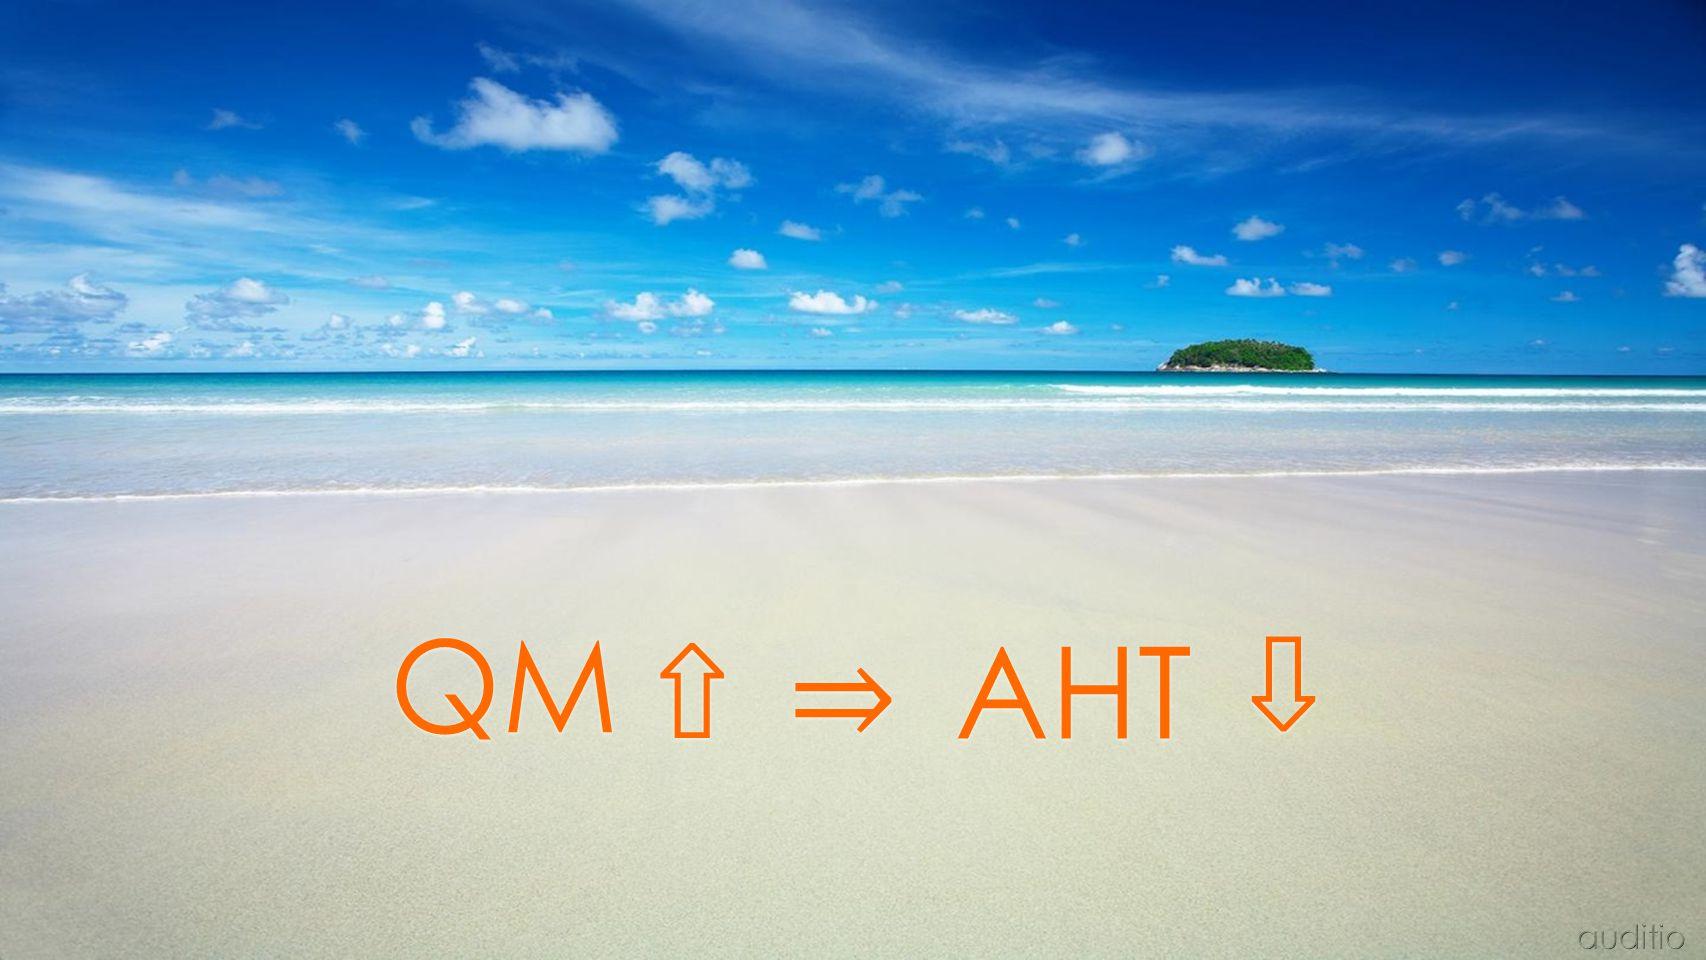 QM ⇧ AHT ⇒ ⇒ ⇧ ⇧